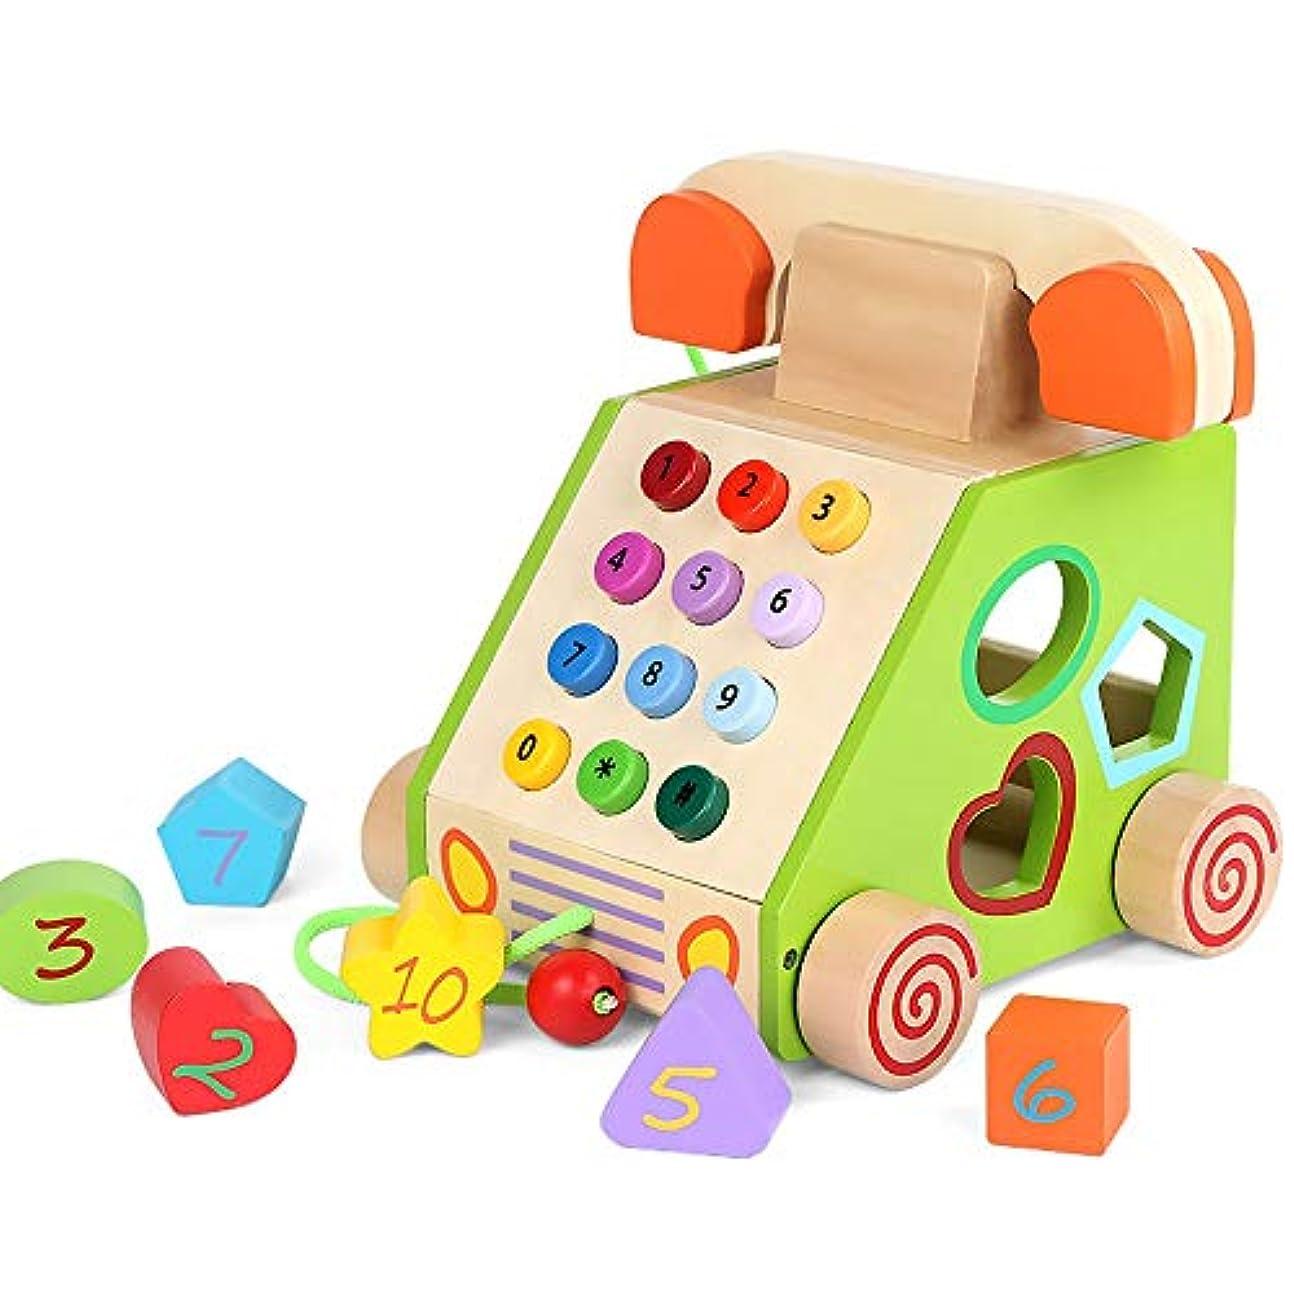 勘違いする自動車ビクター幼児教育子供のおもちゃの電話ビルディングブロックパズル2歳の車の形状インテリジェンス開発形状マッチングおもちゃ